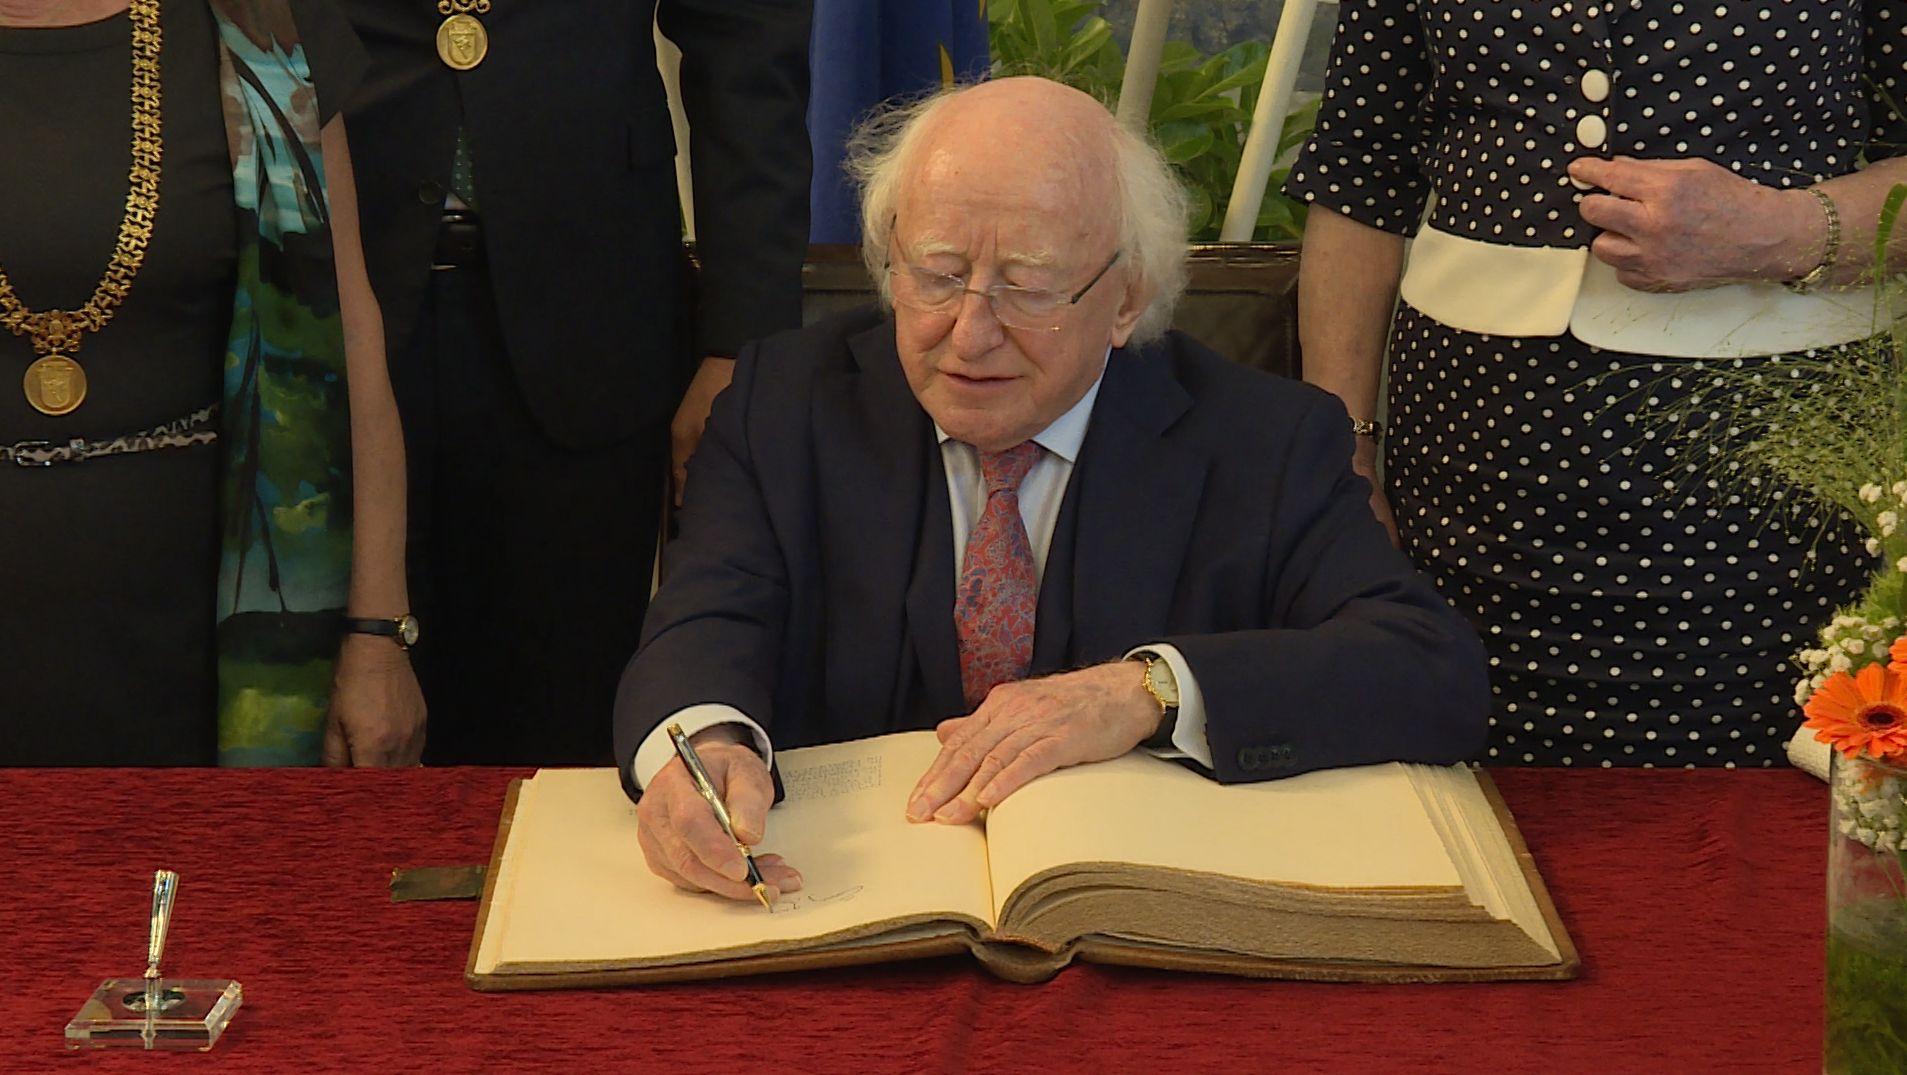 Staatspräsident Michael D. Higgins trägt sich ins Goldene Buch der Stadt Würzburg ein.